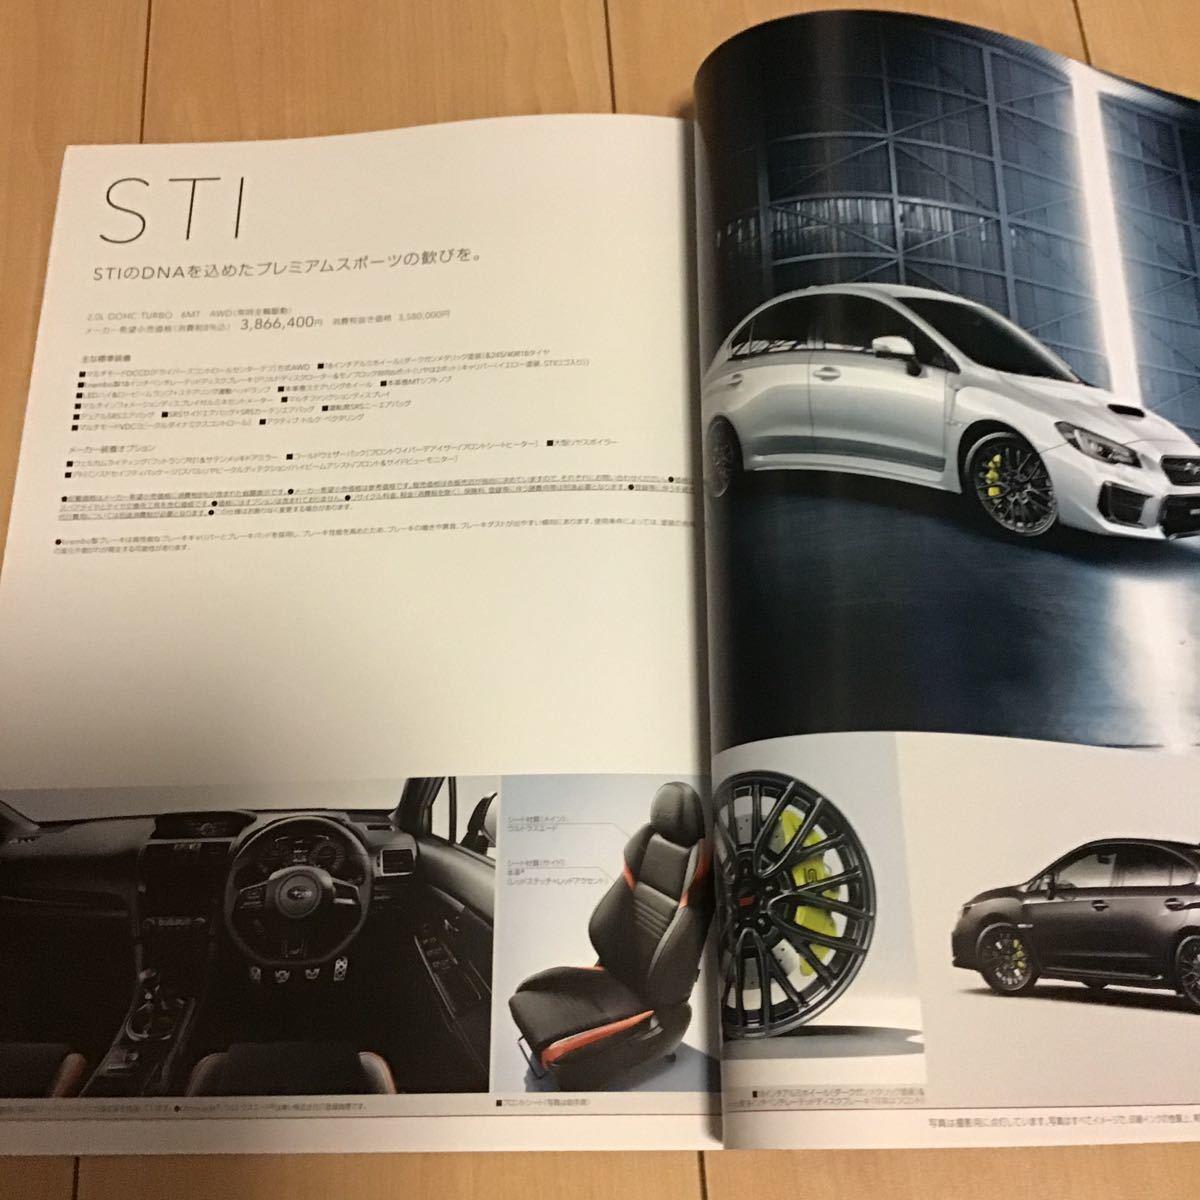 最新版 2019年5月 スバル WRX STI カタログ 47ページ 3冊セット (0623)_画像4